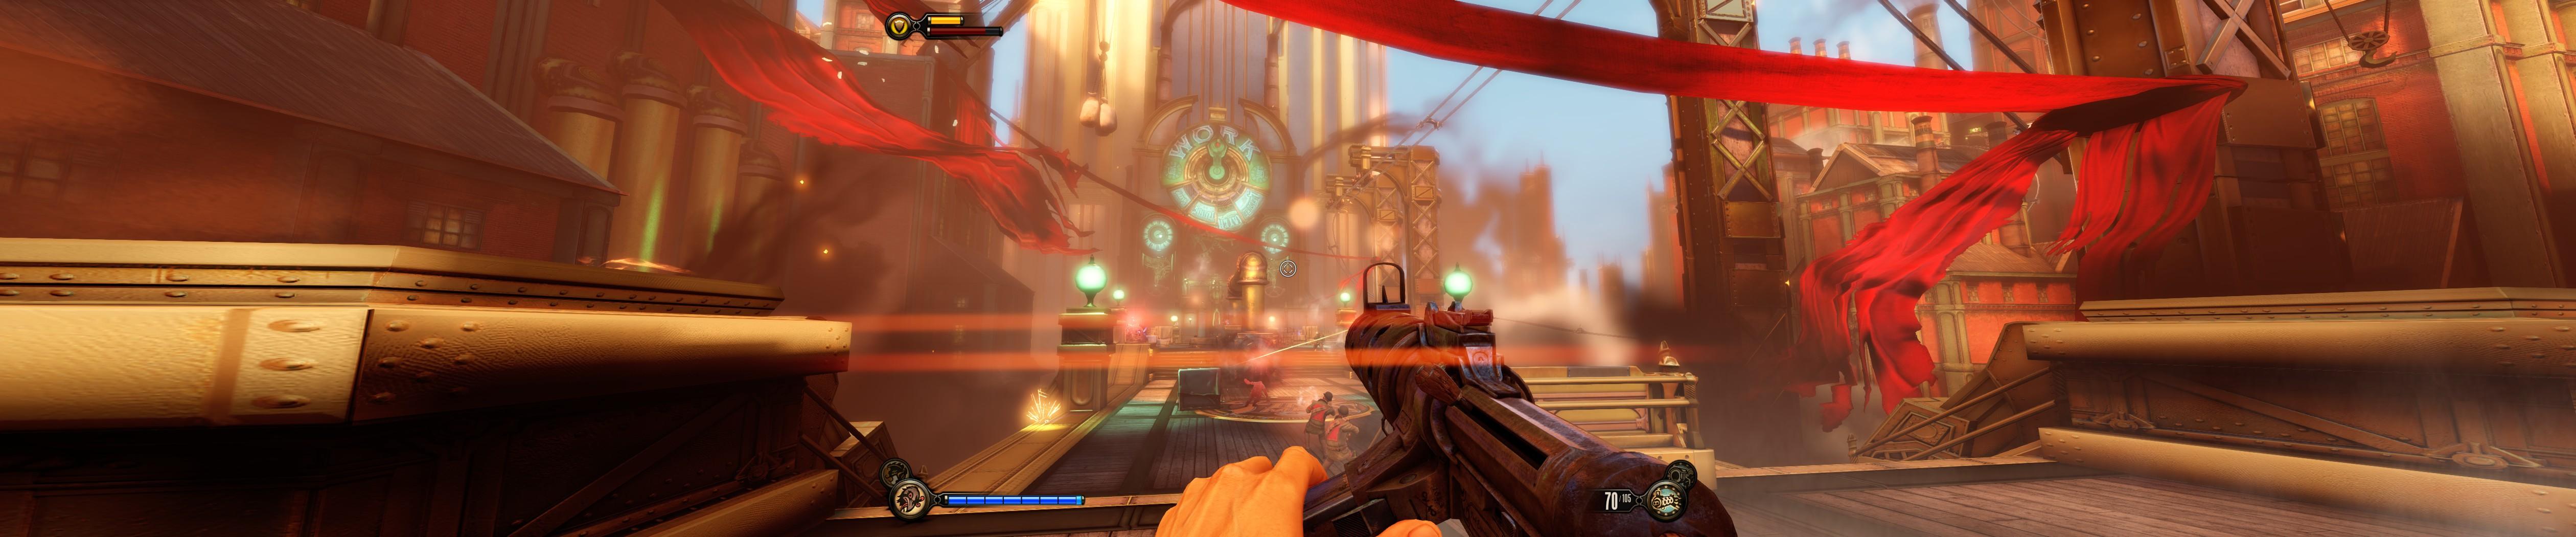 Bioshock_Infinite_2013-05-14_00047